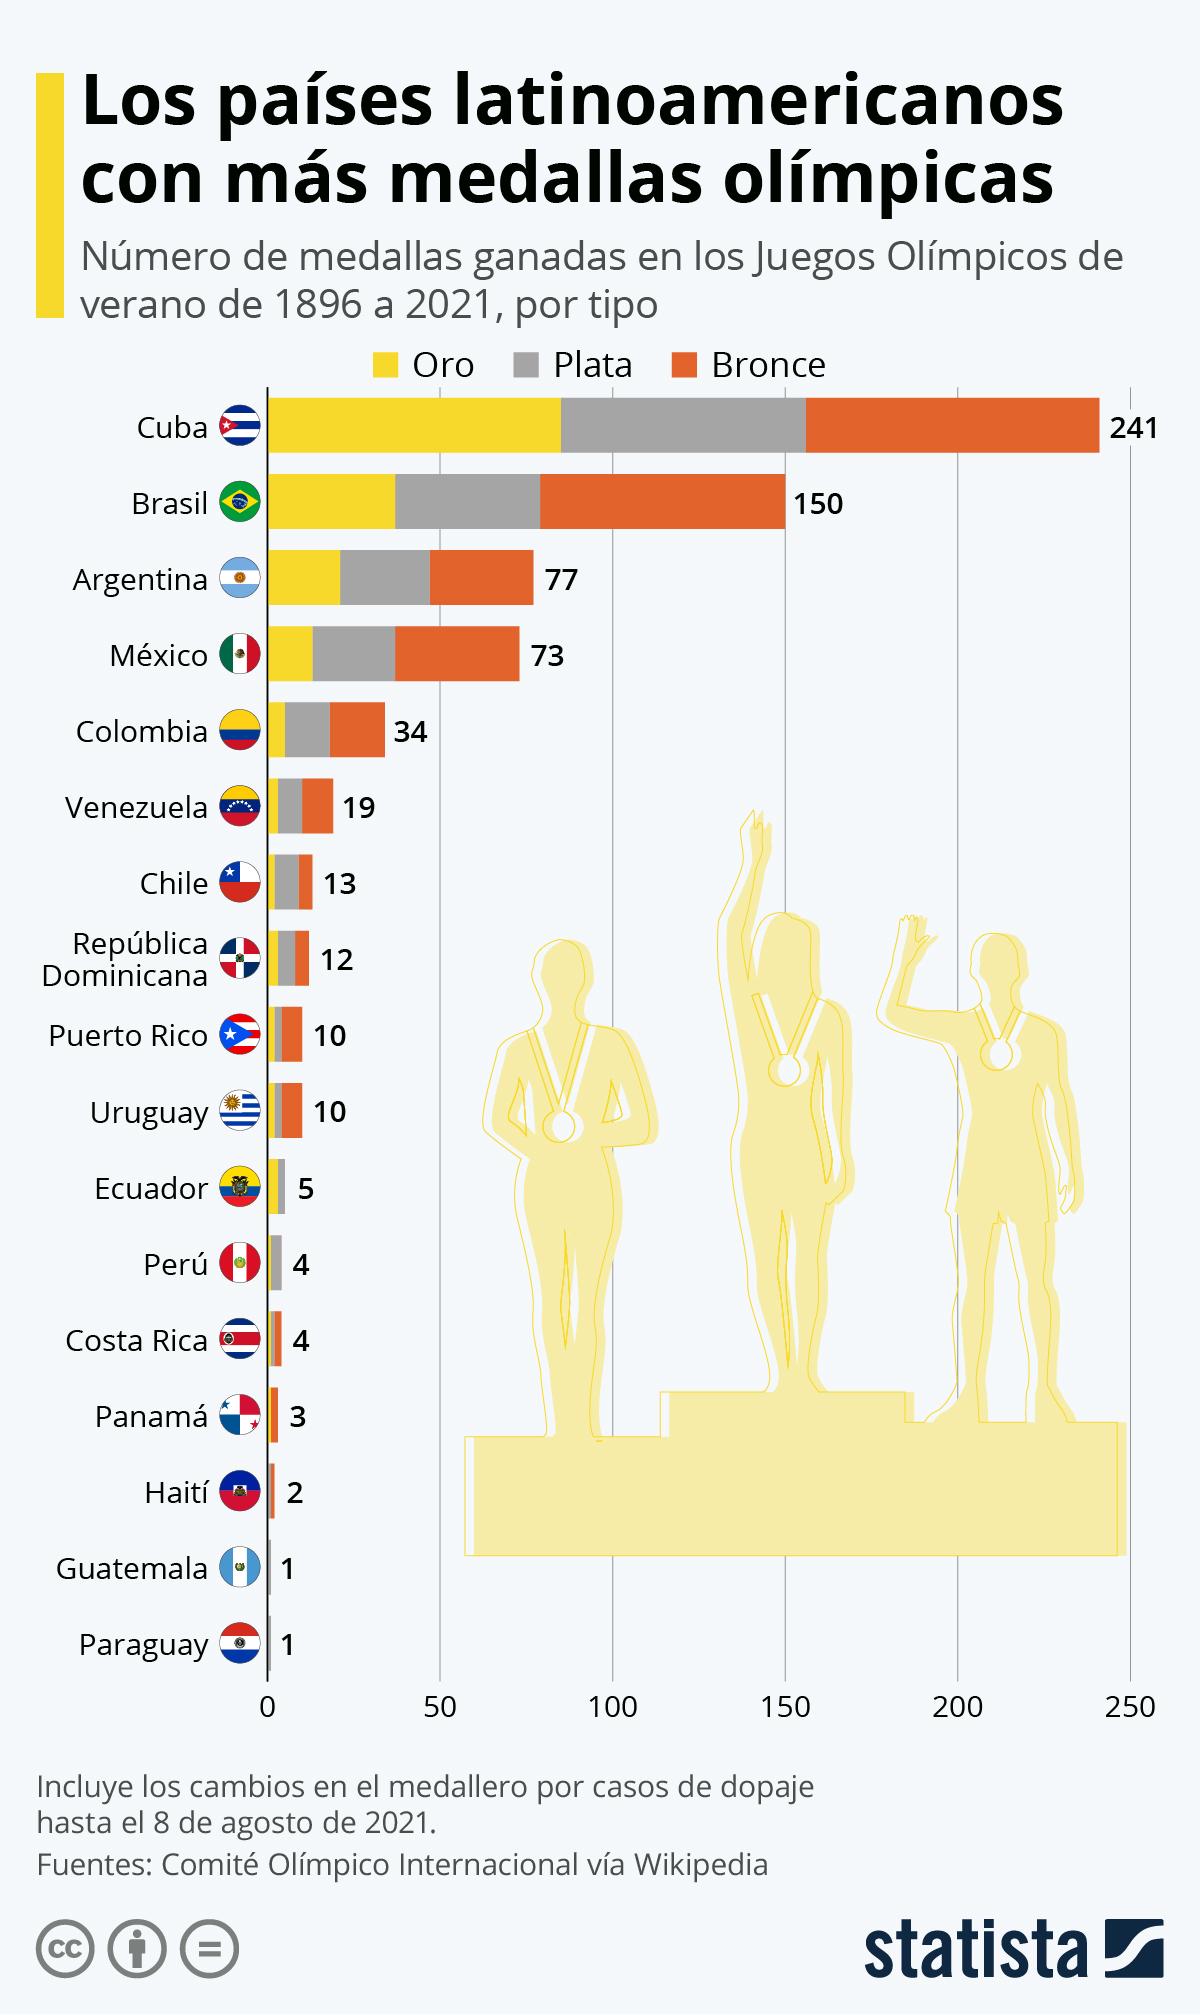 Infografía: ¿Qué países latinoamericanos ganaron más medallas olímpicas? | Statista